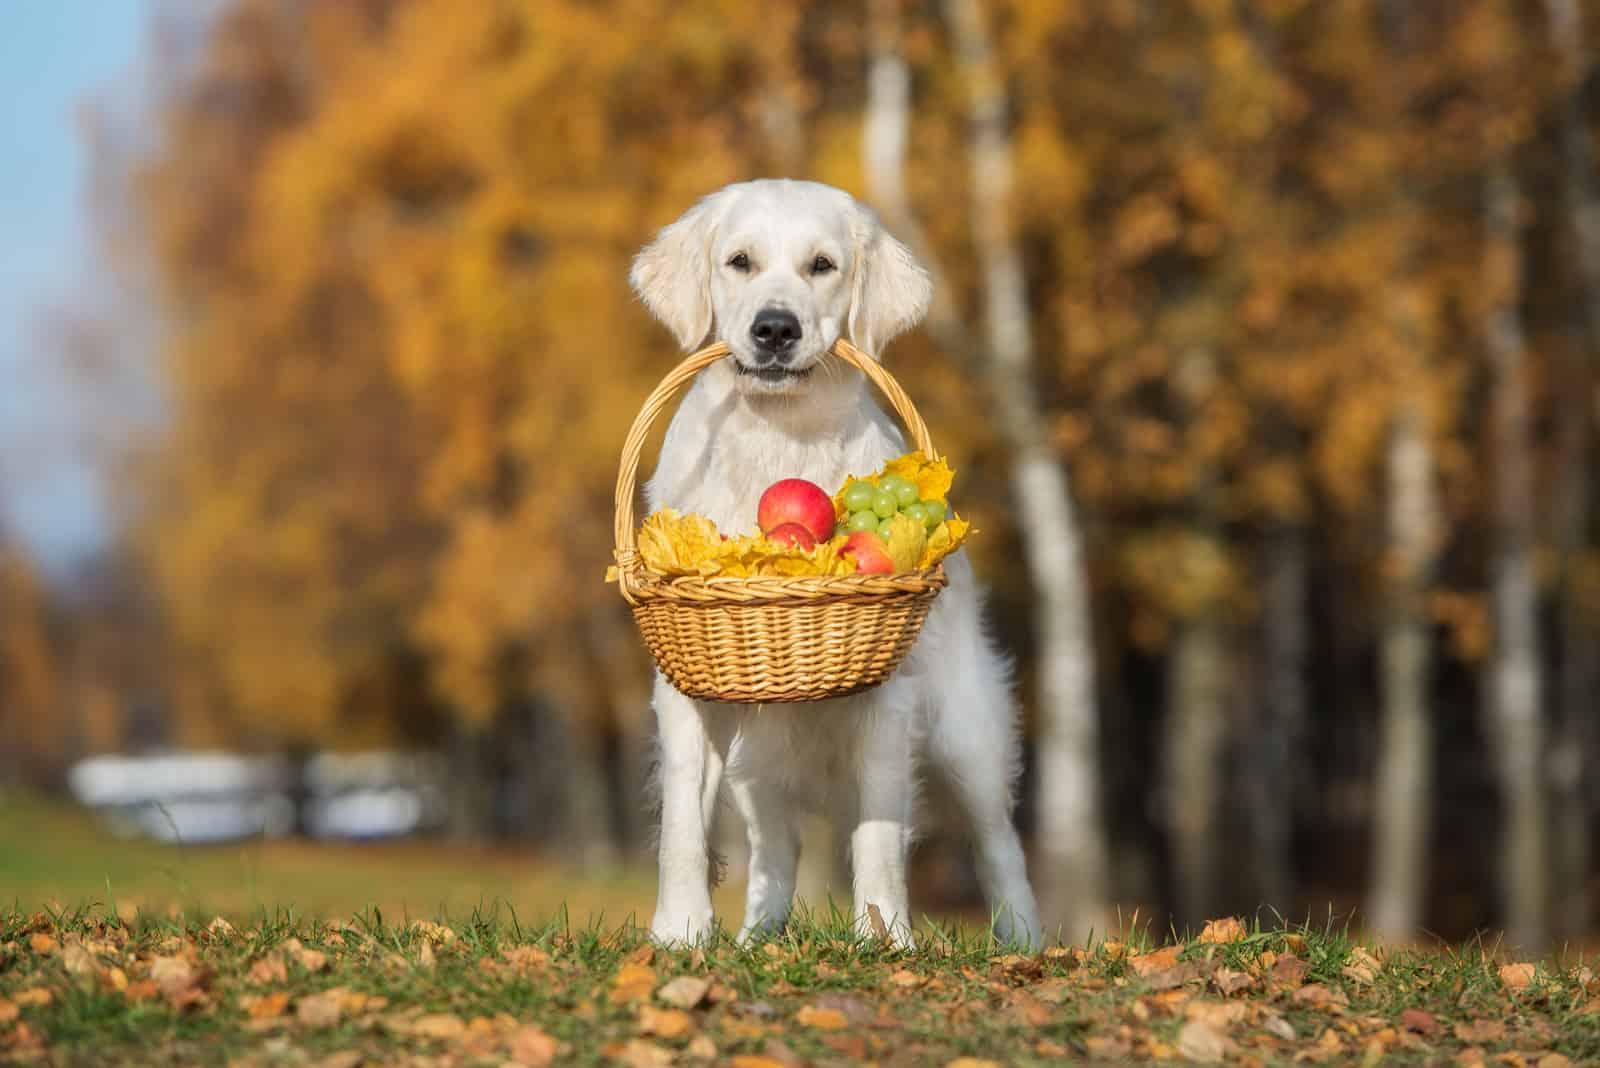 Golden Retriever Hund hält einen Korb im Freien im Herbst